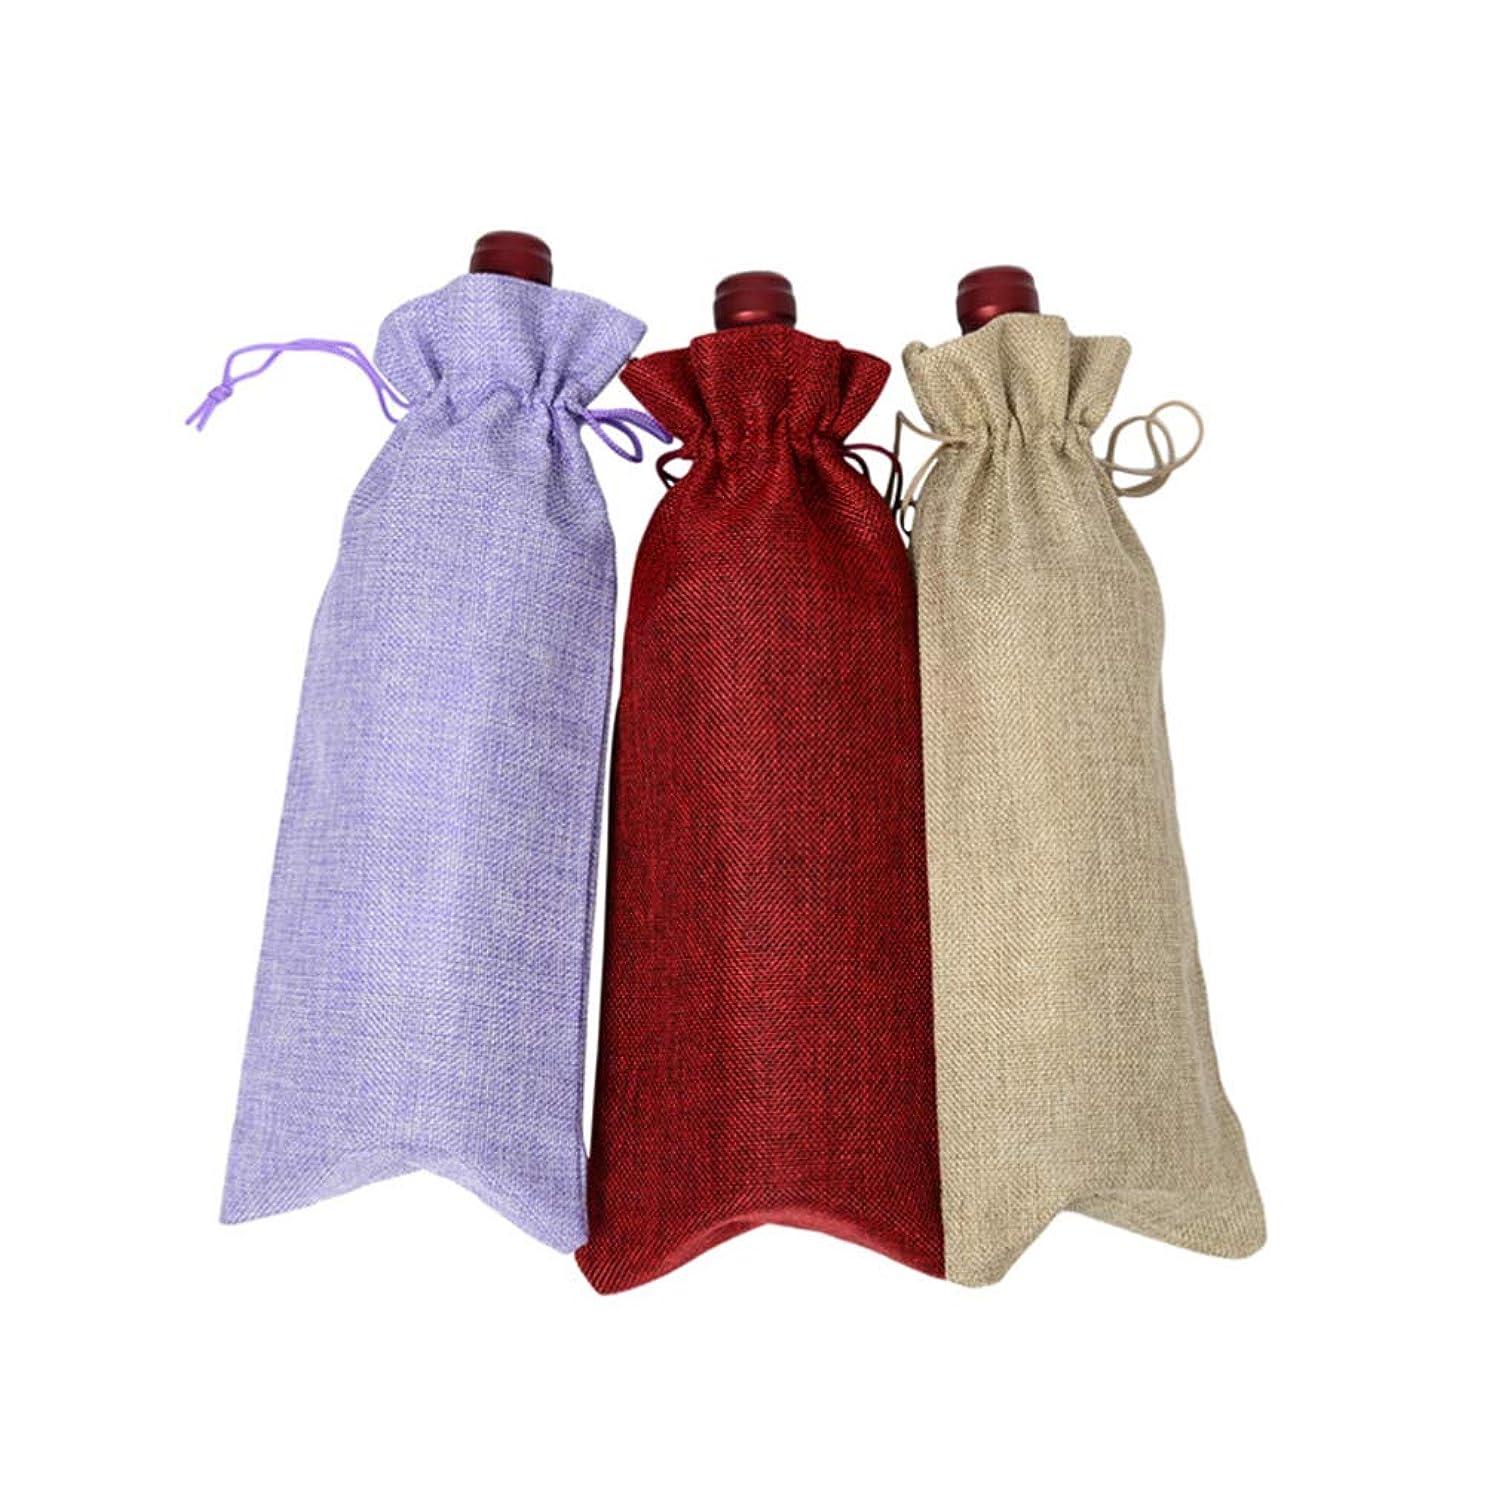 それによって明確に大人BESTONZON 5ピースワインボトルバッグ巾着再利用可能な黄麻布ワイントートバッグギフトポーチボトルラップキャンディ携帯電話赤ワイン